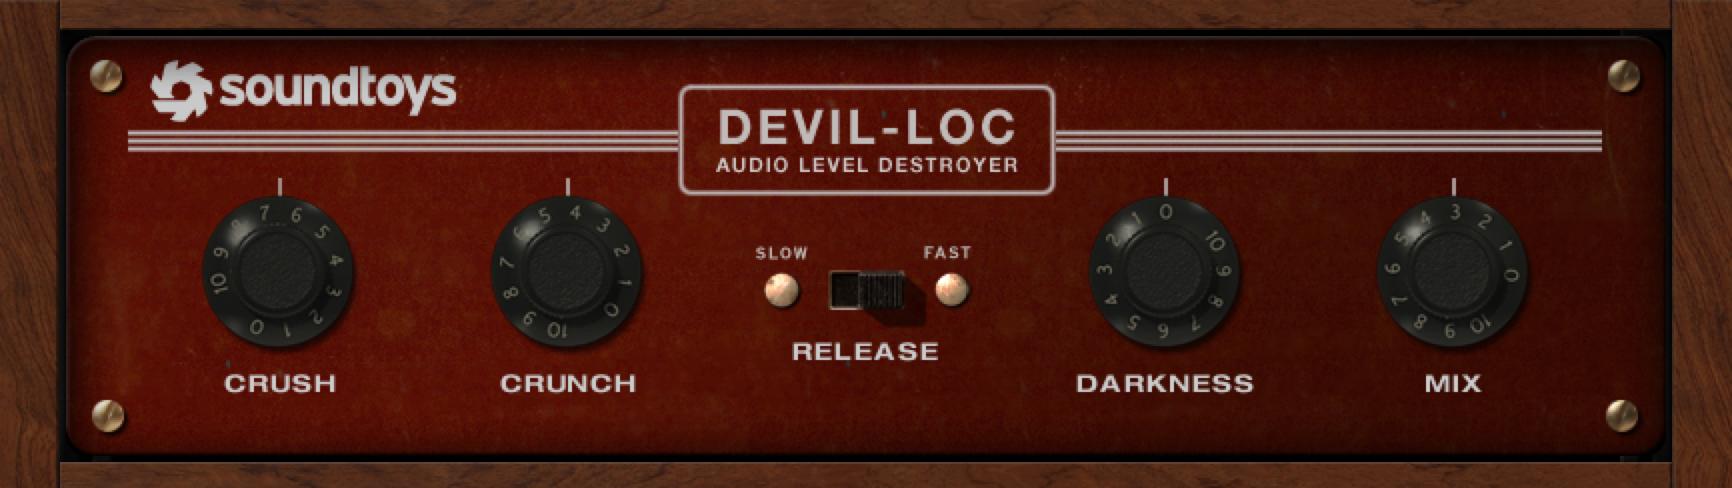 Devil-Loc - Soundtoys